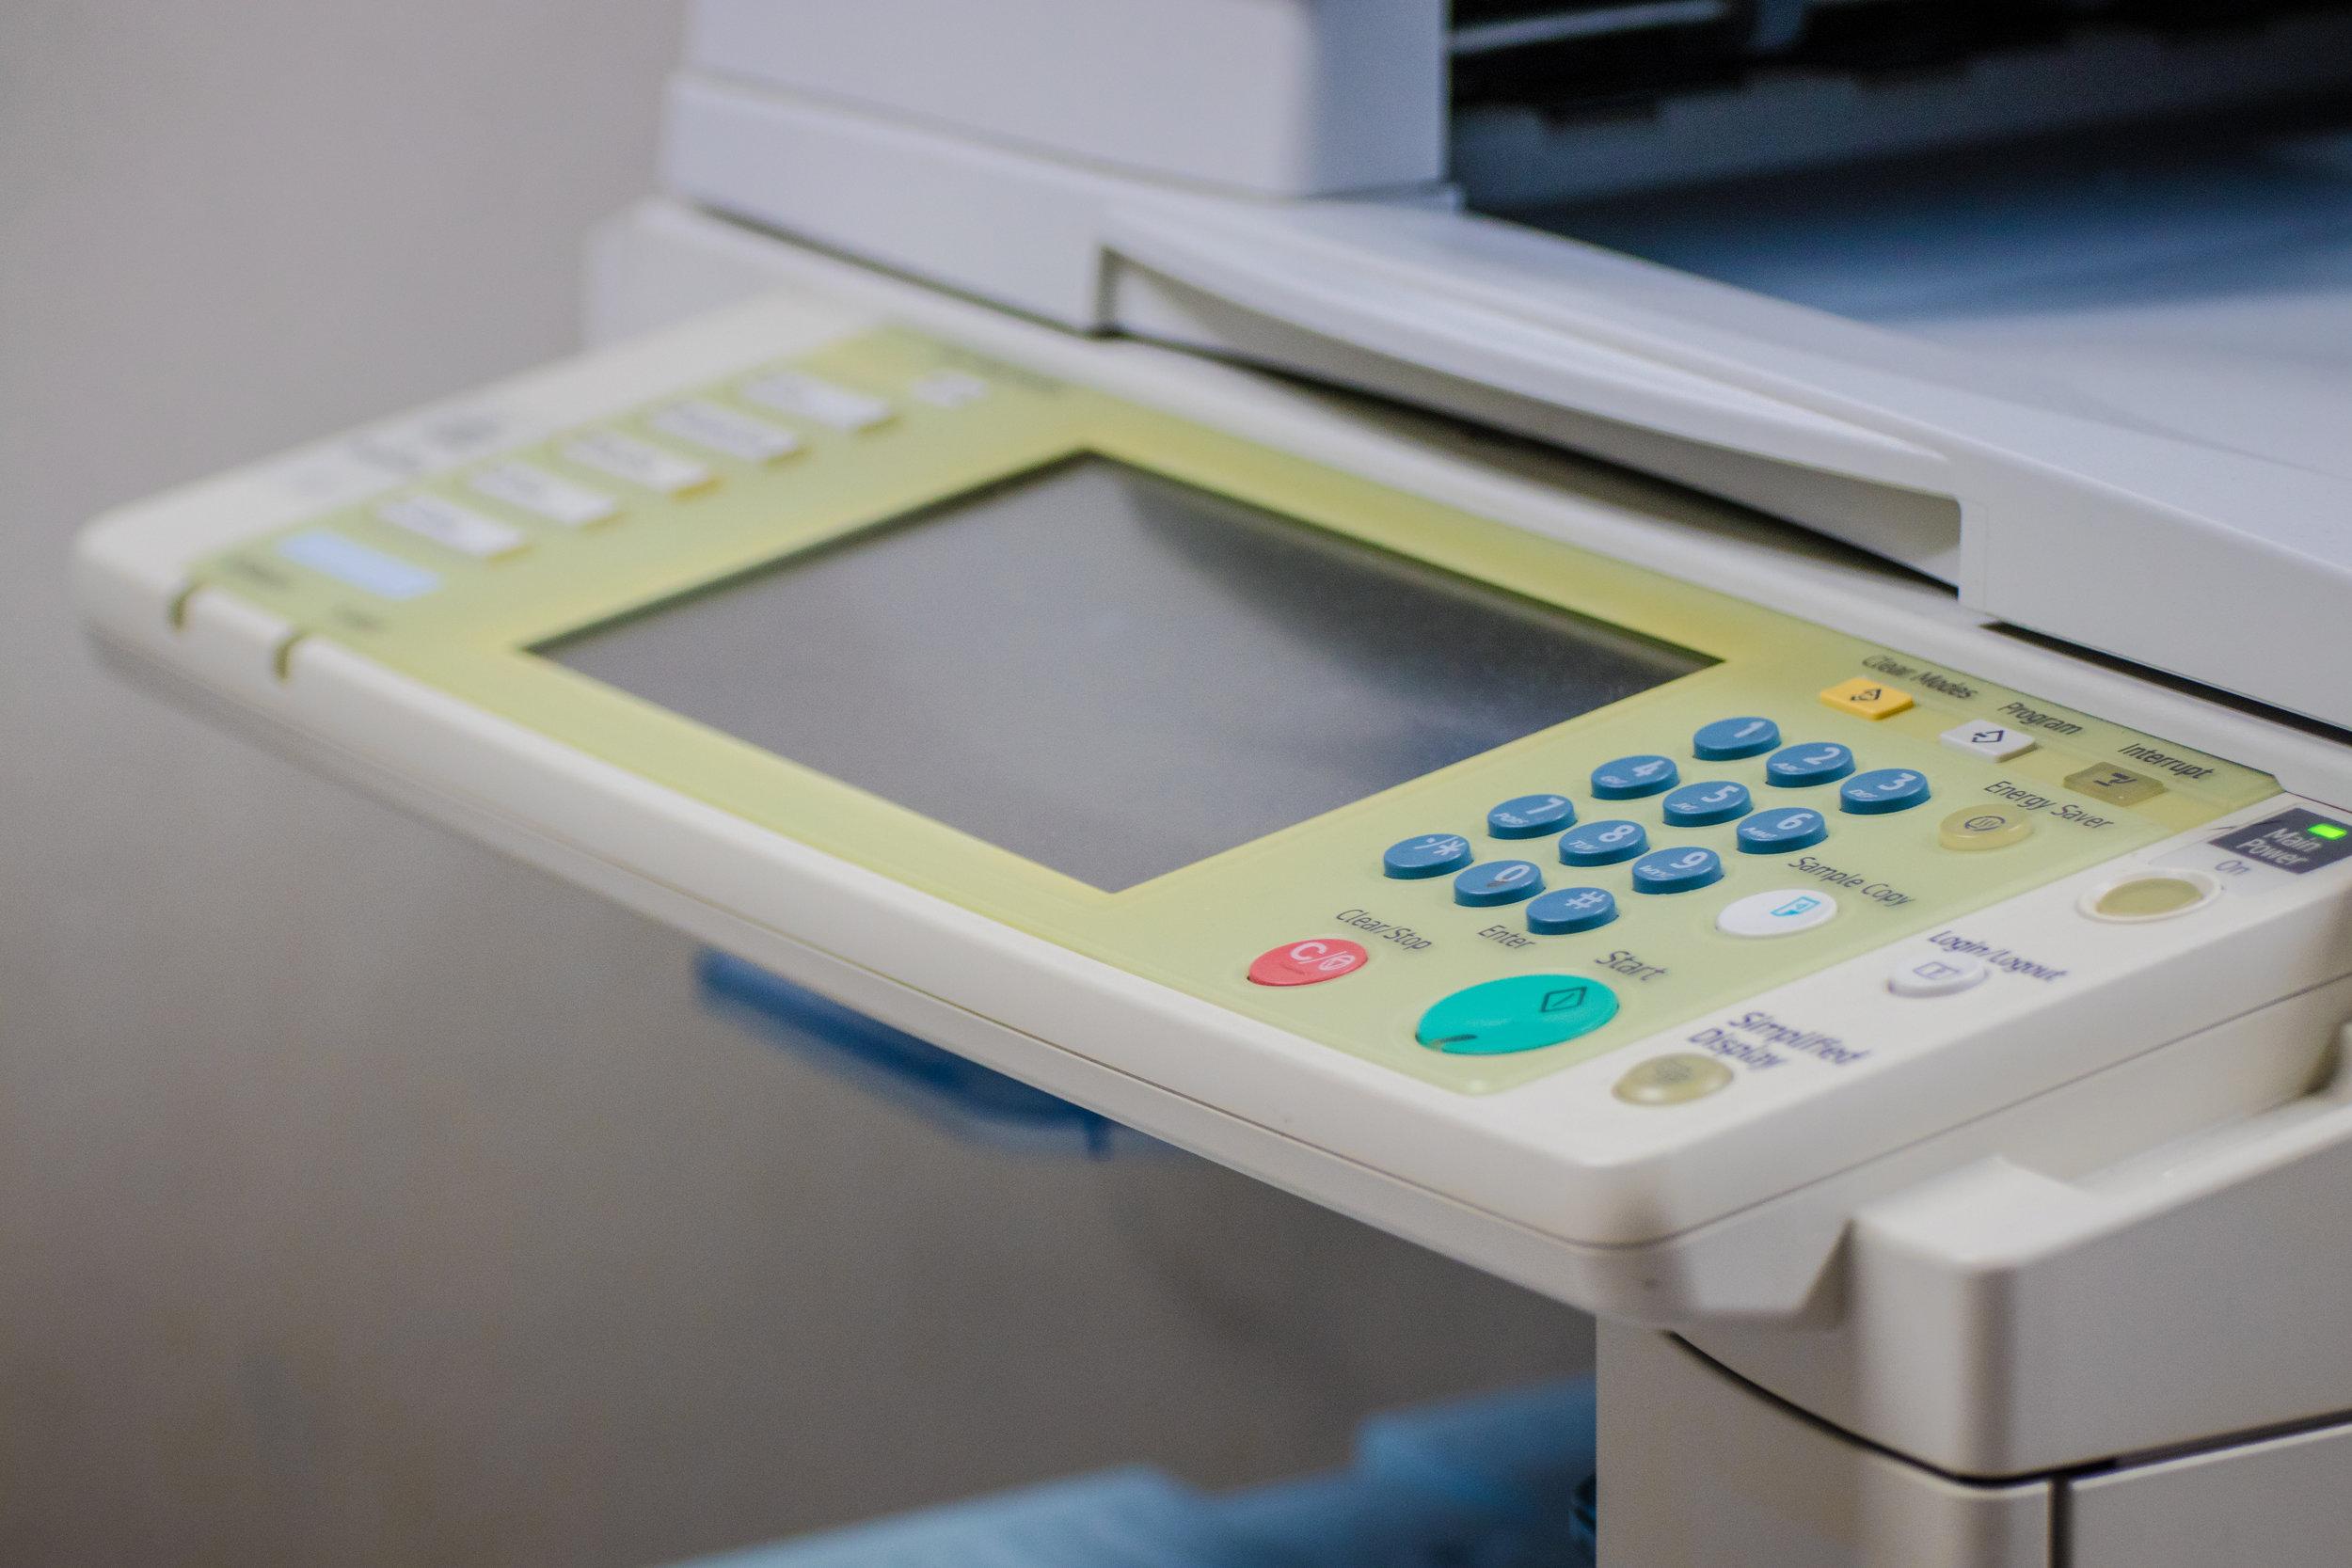 copier screen button sell.jpg